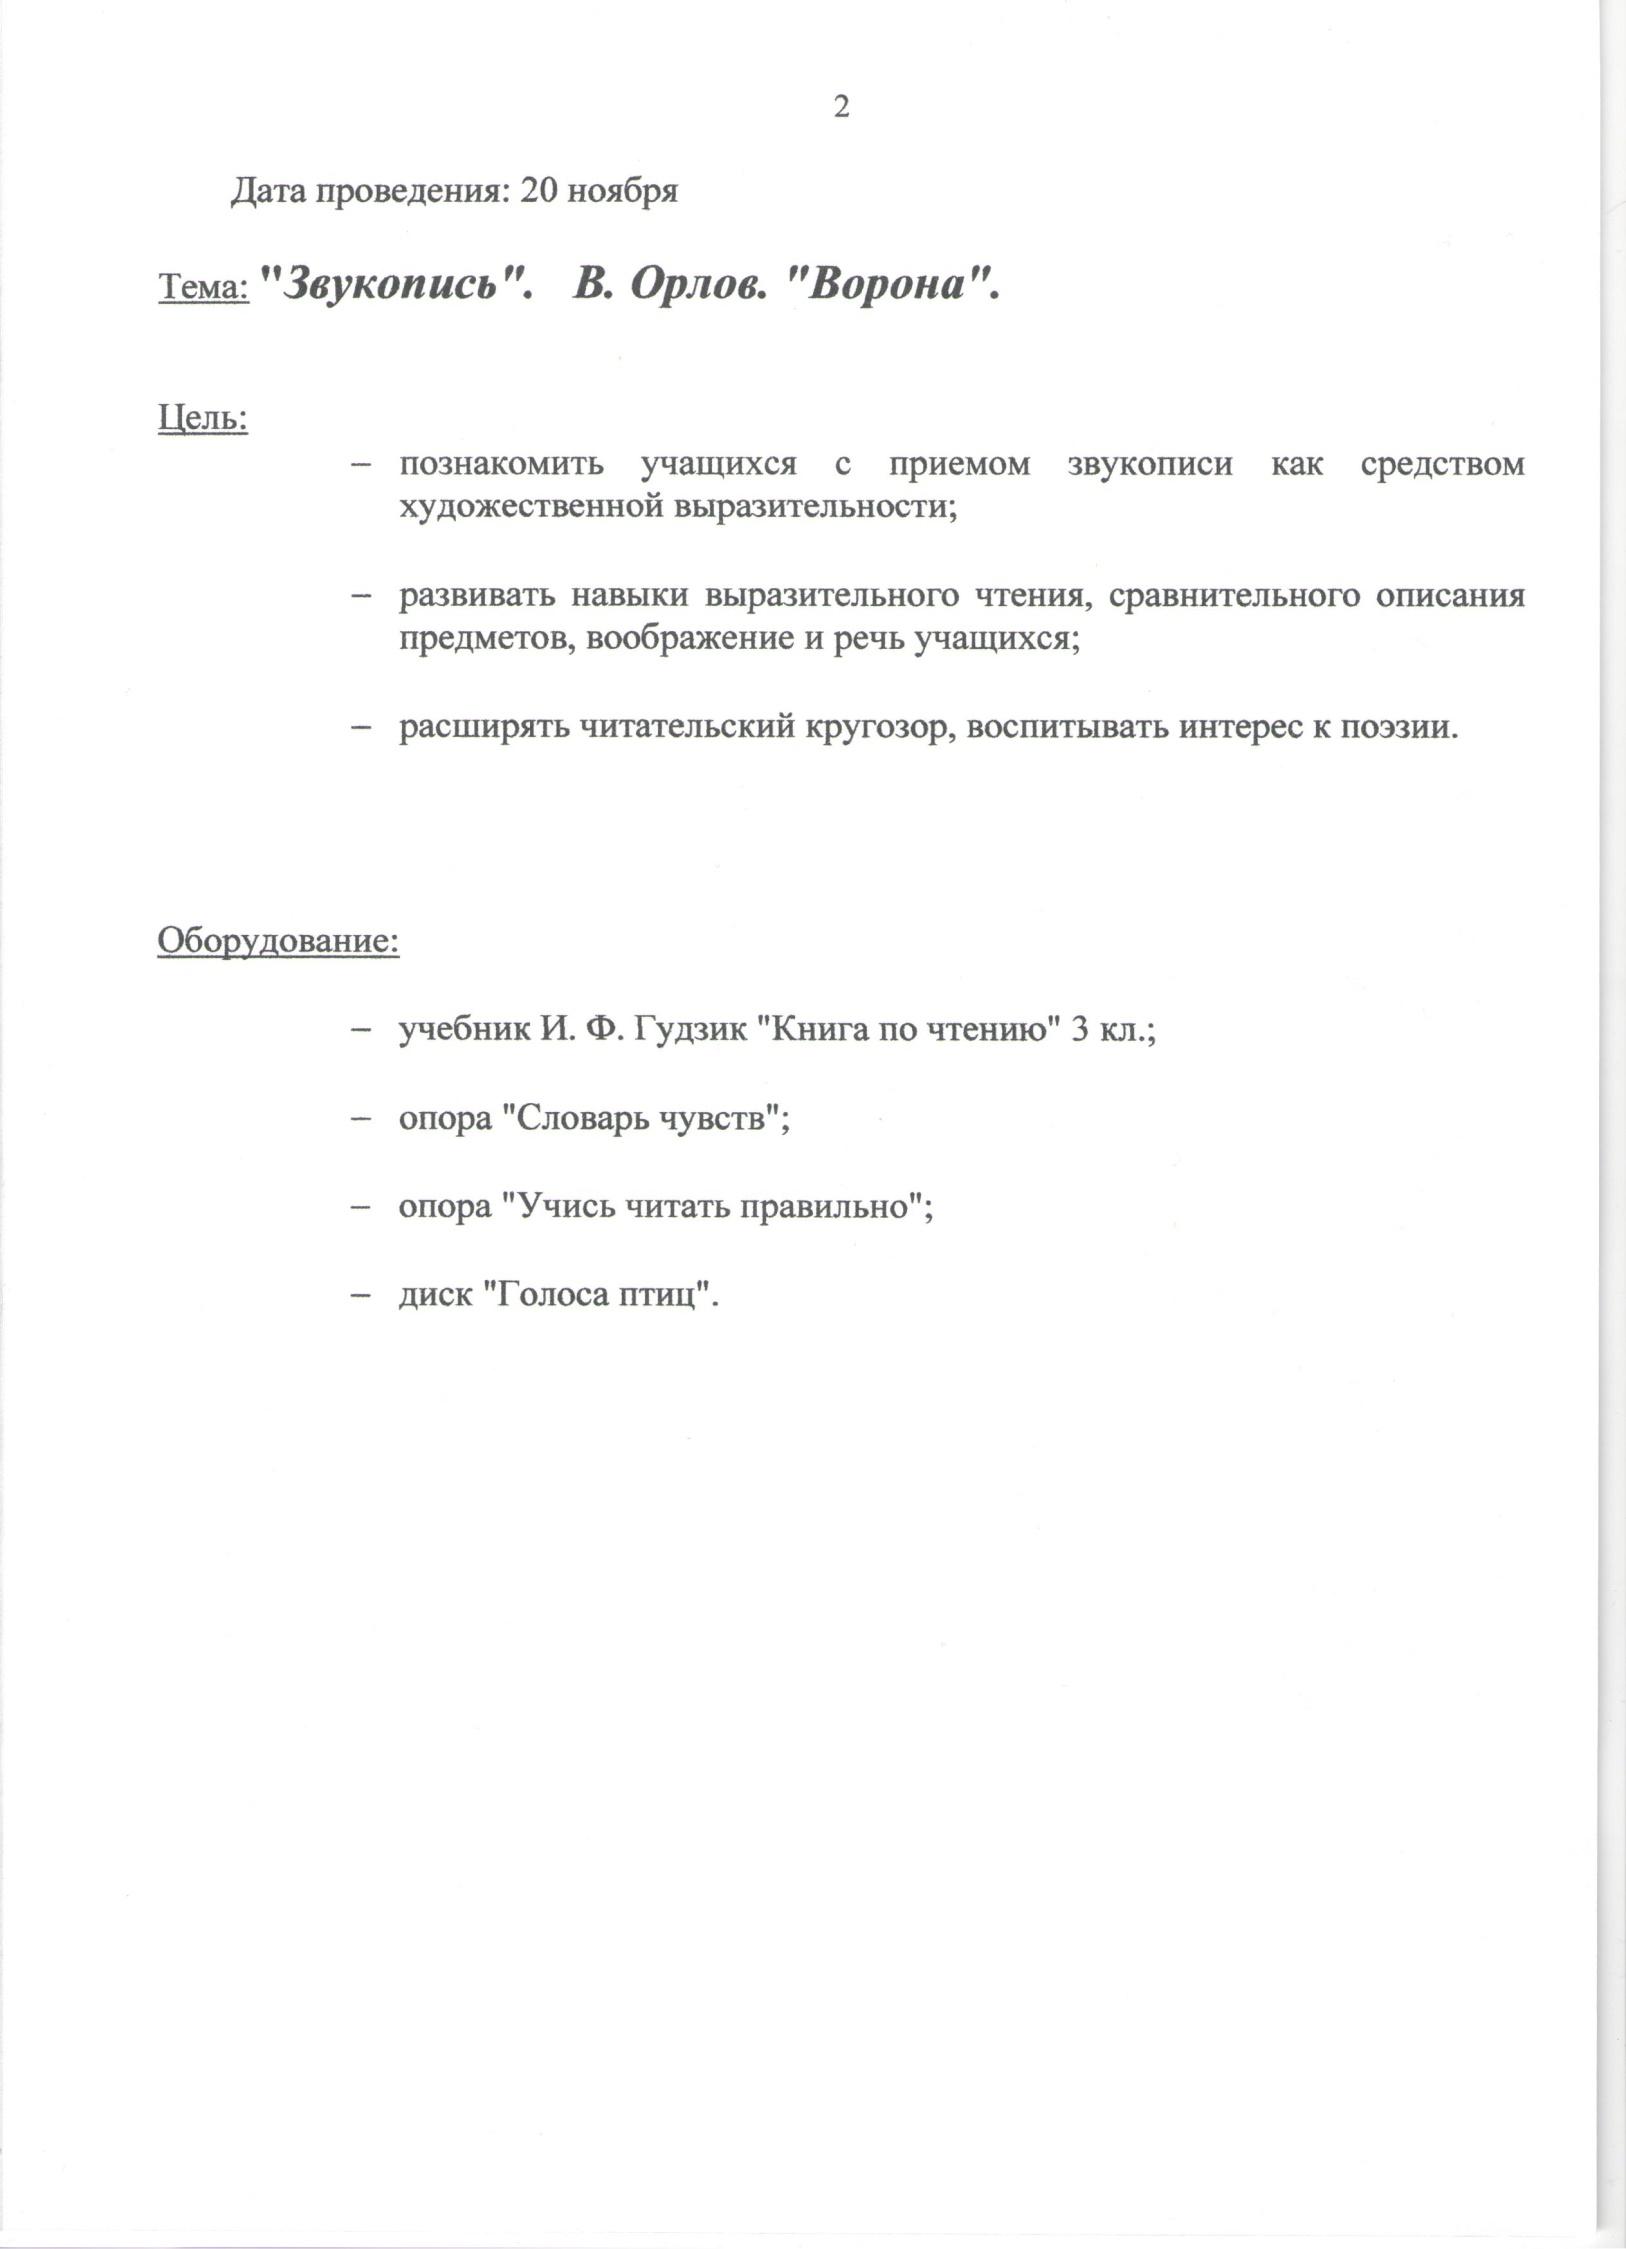 C:\Users\USER\Desktop\Фрагмент открытого урока\002.jpg